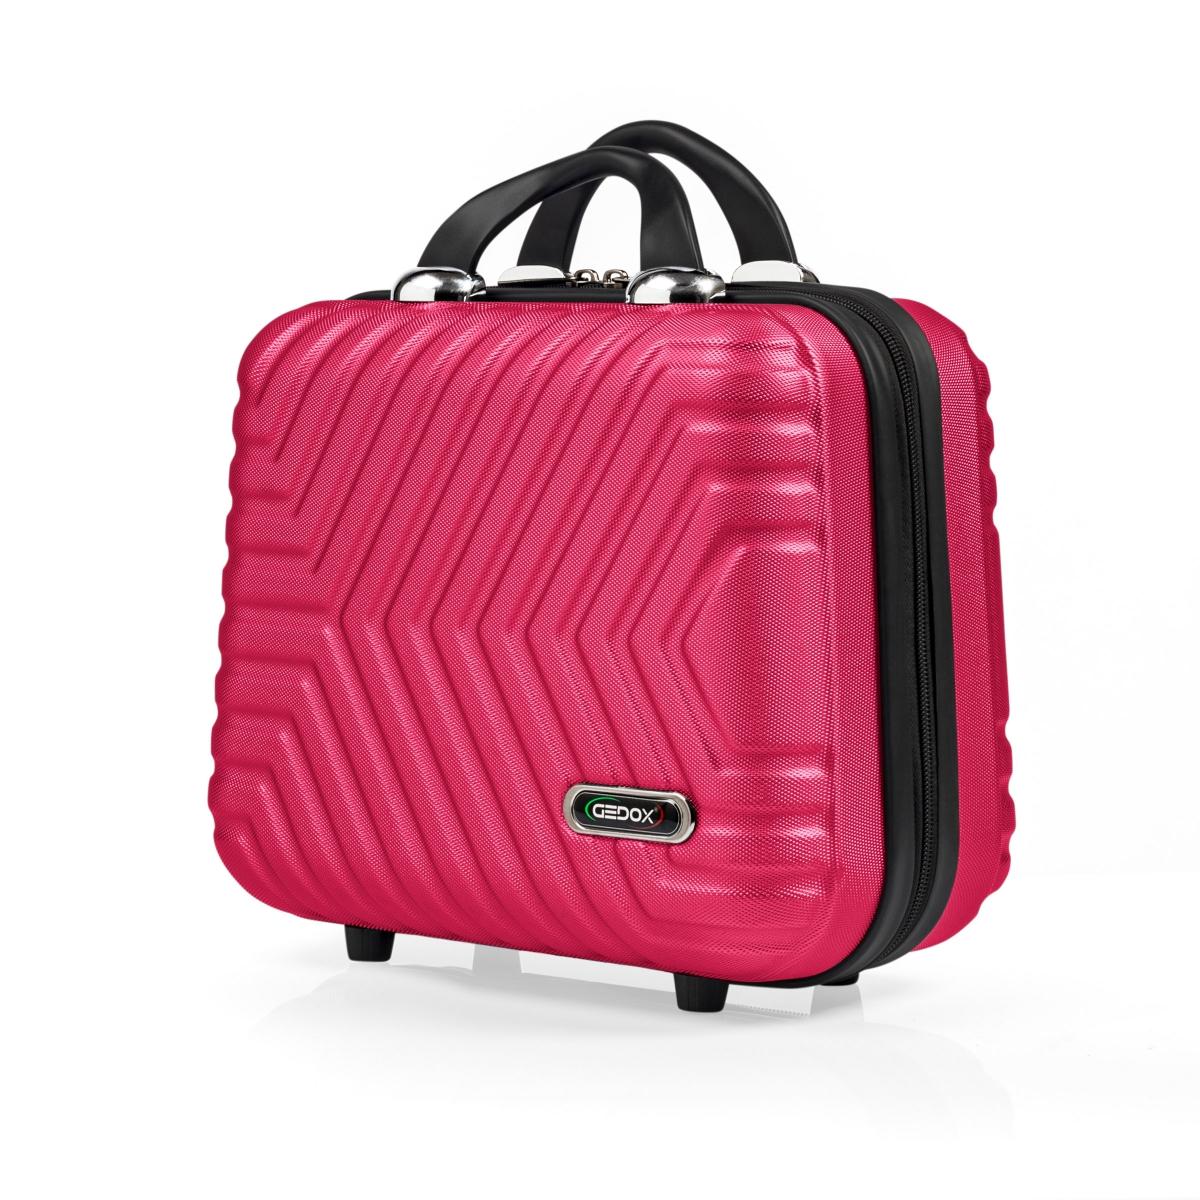 G&D Polo Suitcase Abs Makyaj&Hostes El Çantası Model:615.10 Fuşya Pembe